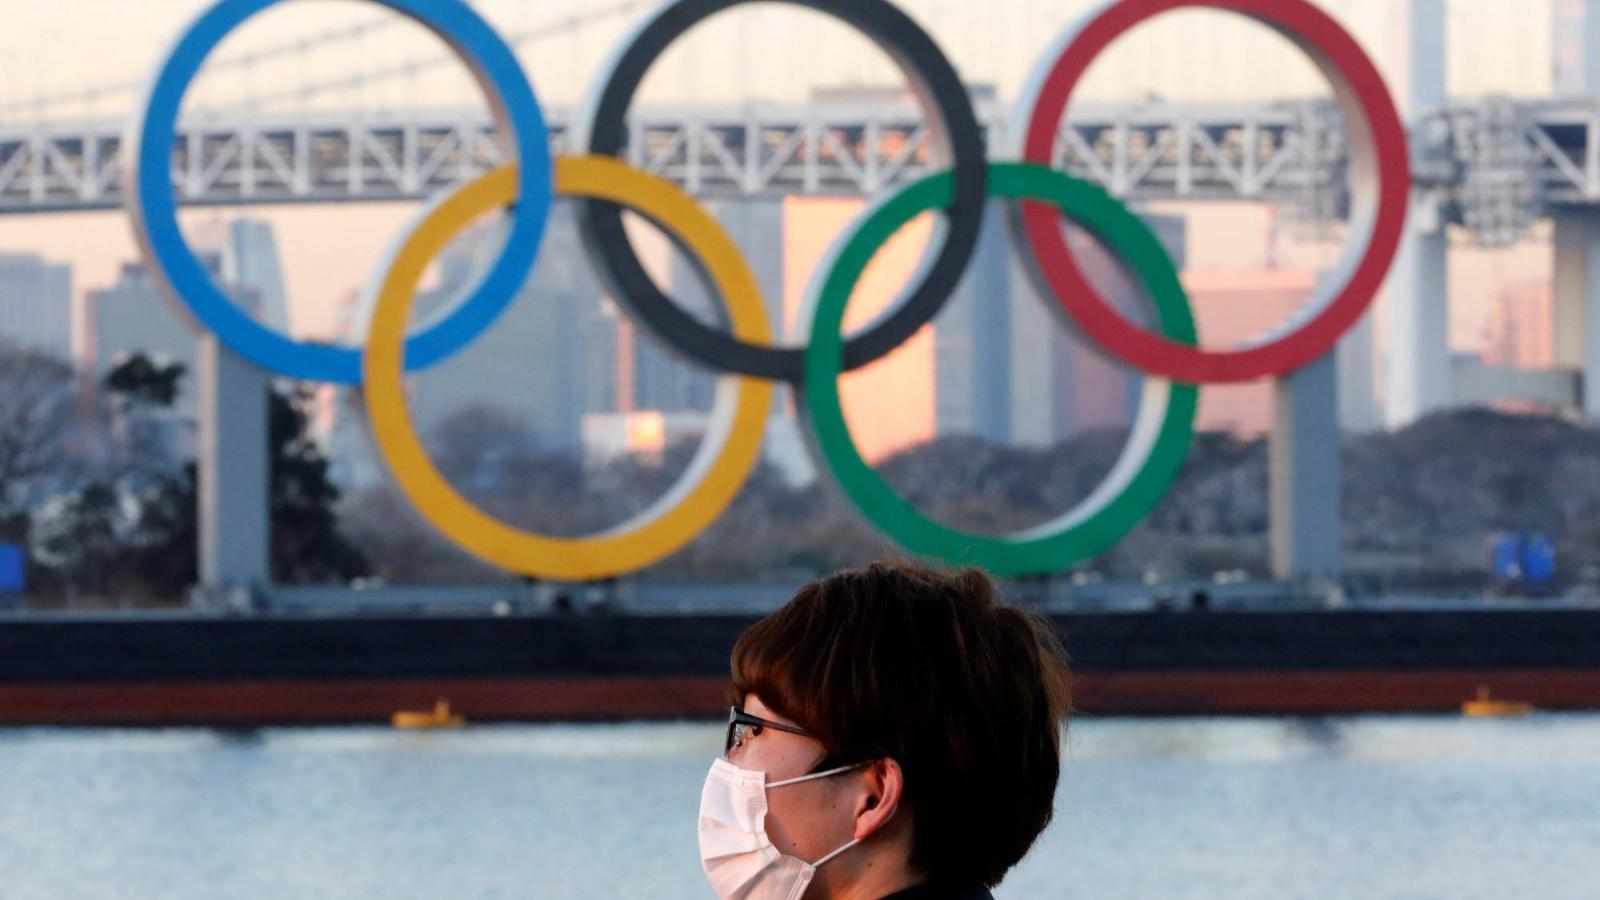 Nhật Bản không loại trừ khả năng hủy bỏ tổ chức Olympic Tokyo?